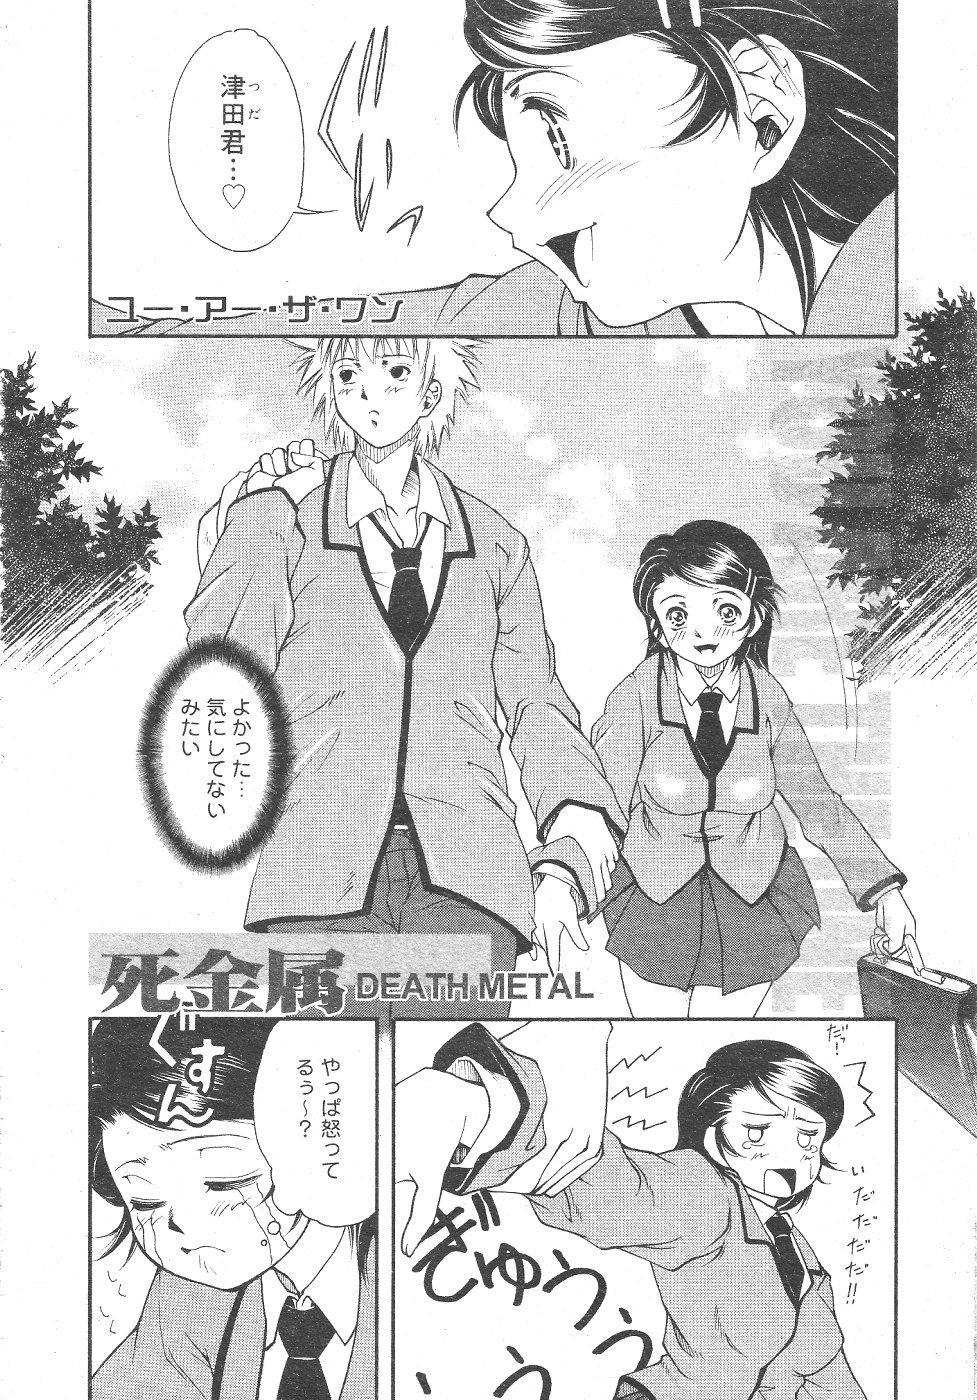 Gekkan Comic Muga 2004-06 Vol.10 13